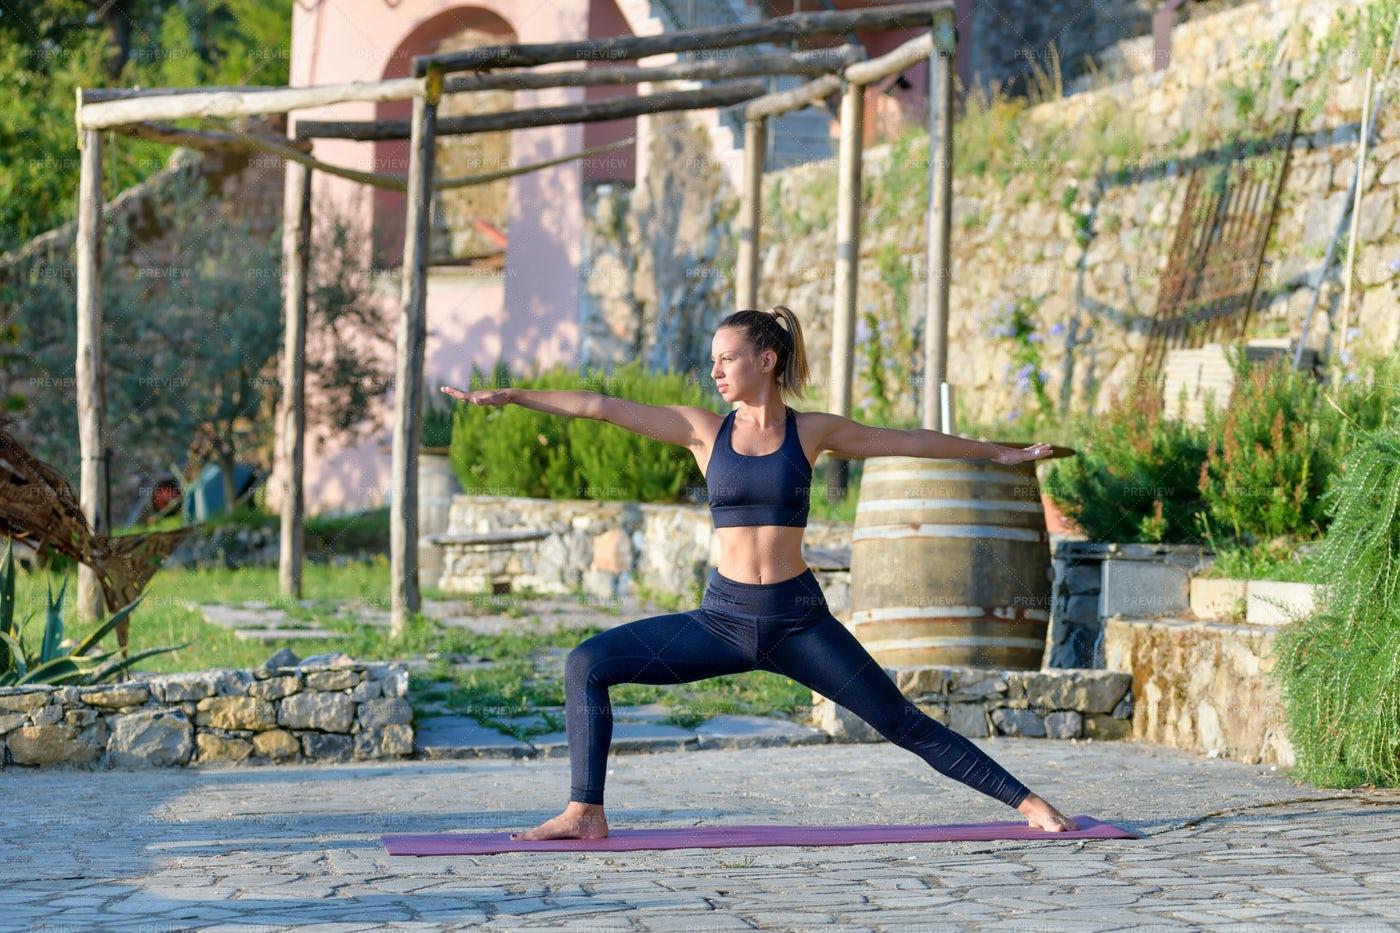 Woman In A Warrior Yoga Pose: Stock Photos